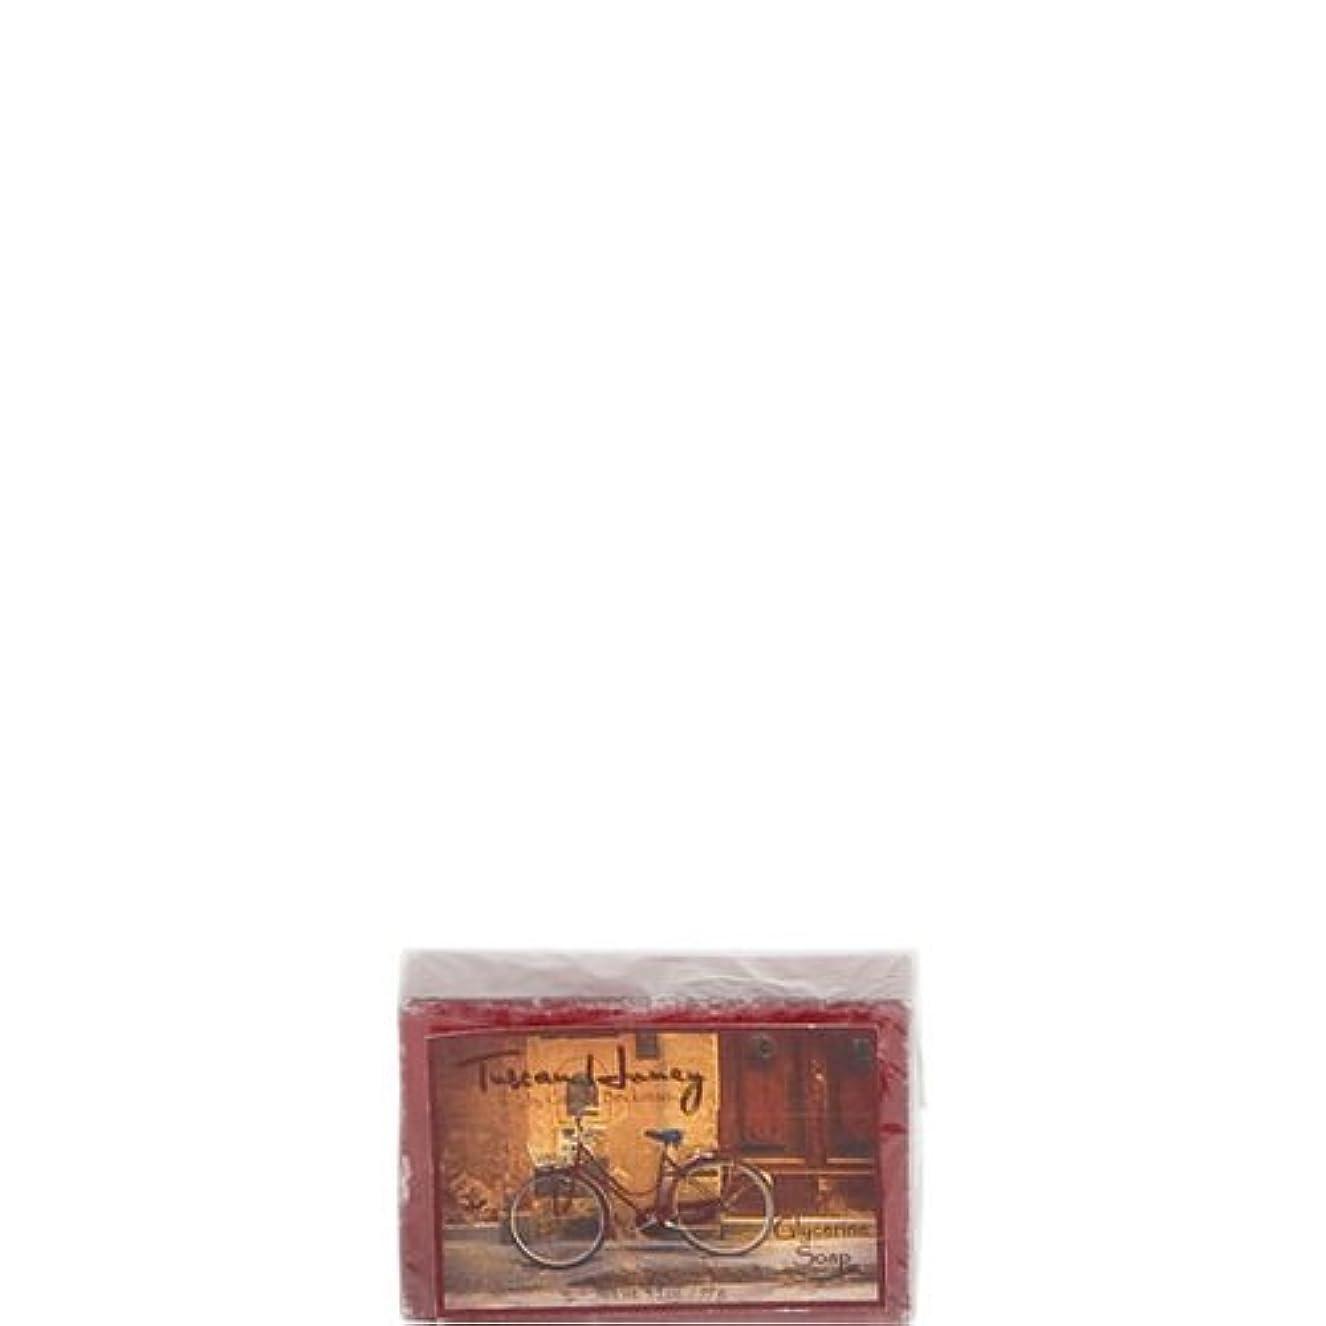 寛大なスポンサーガウンCamille Beckman Glycerine Bar Soap 3.5 oz - Secret Sea Scent by Camille Beckman [並行輸入品]